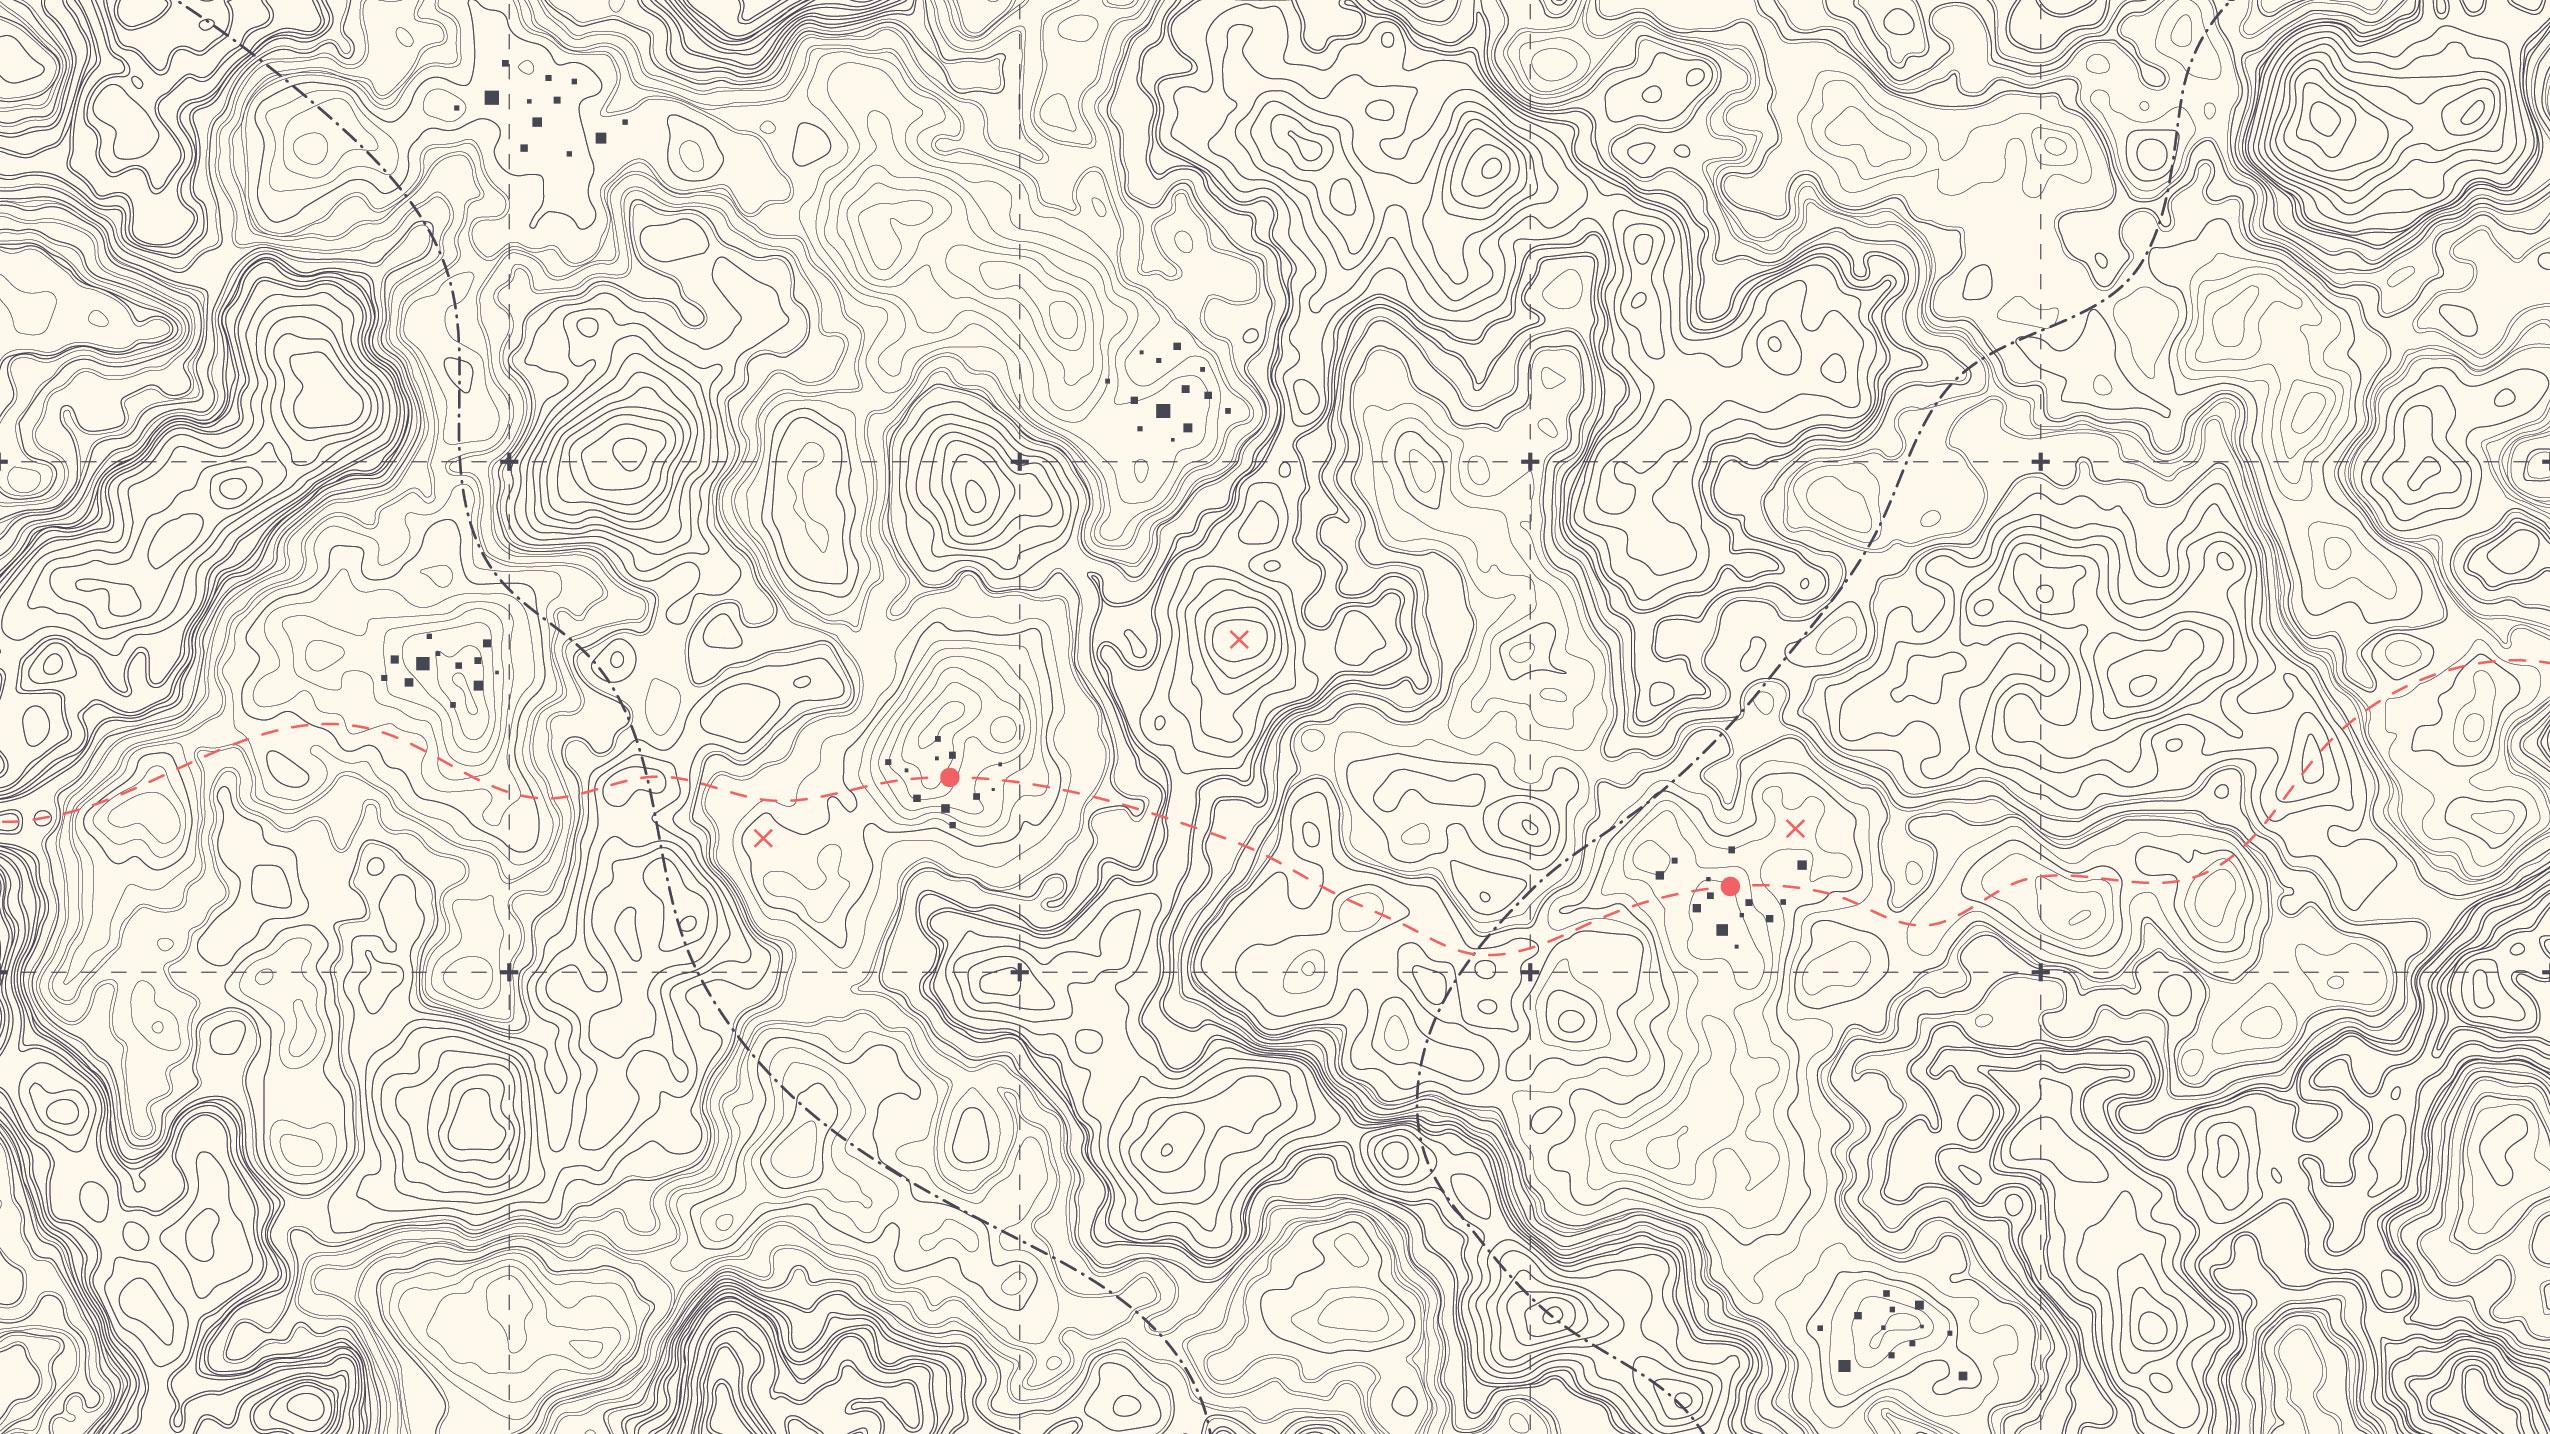 Vintage contour map